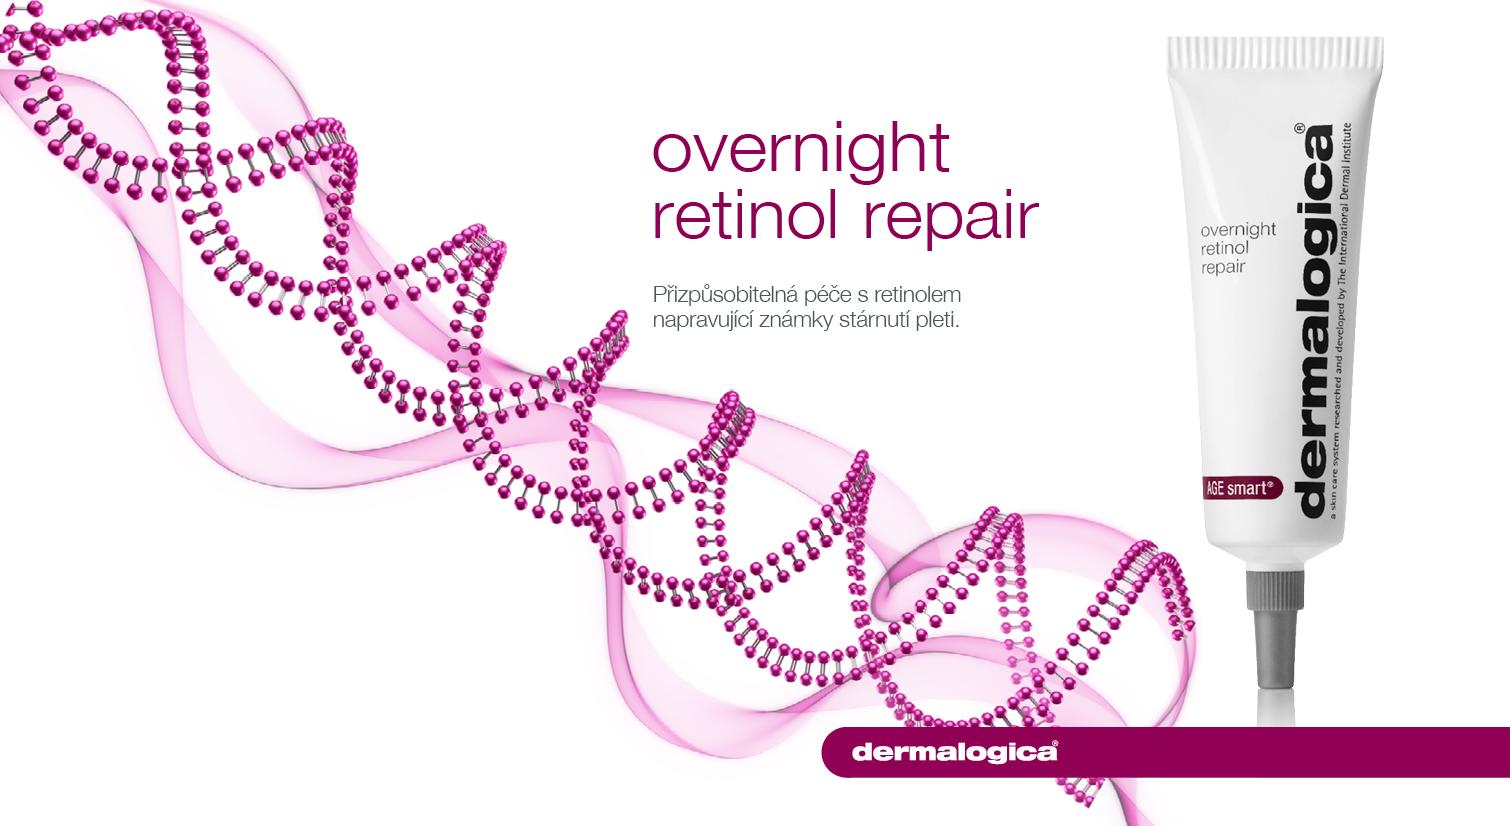 Overnight Retinol